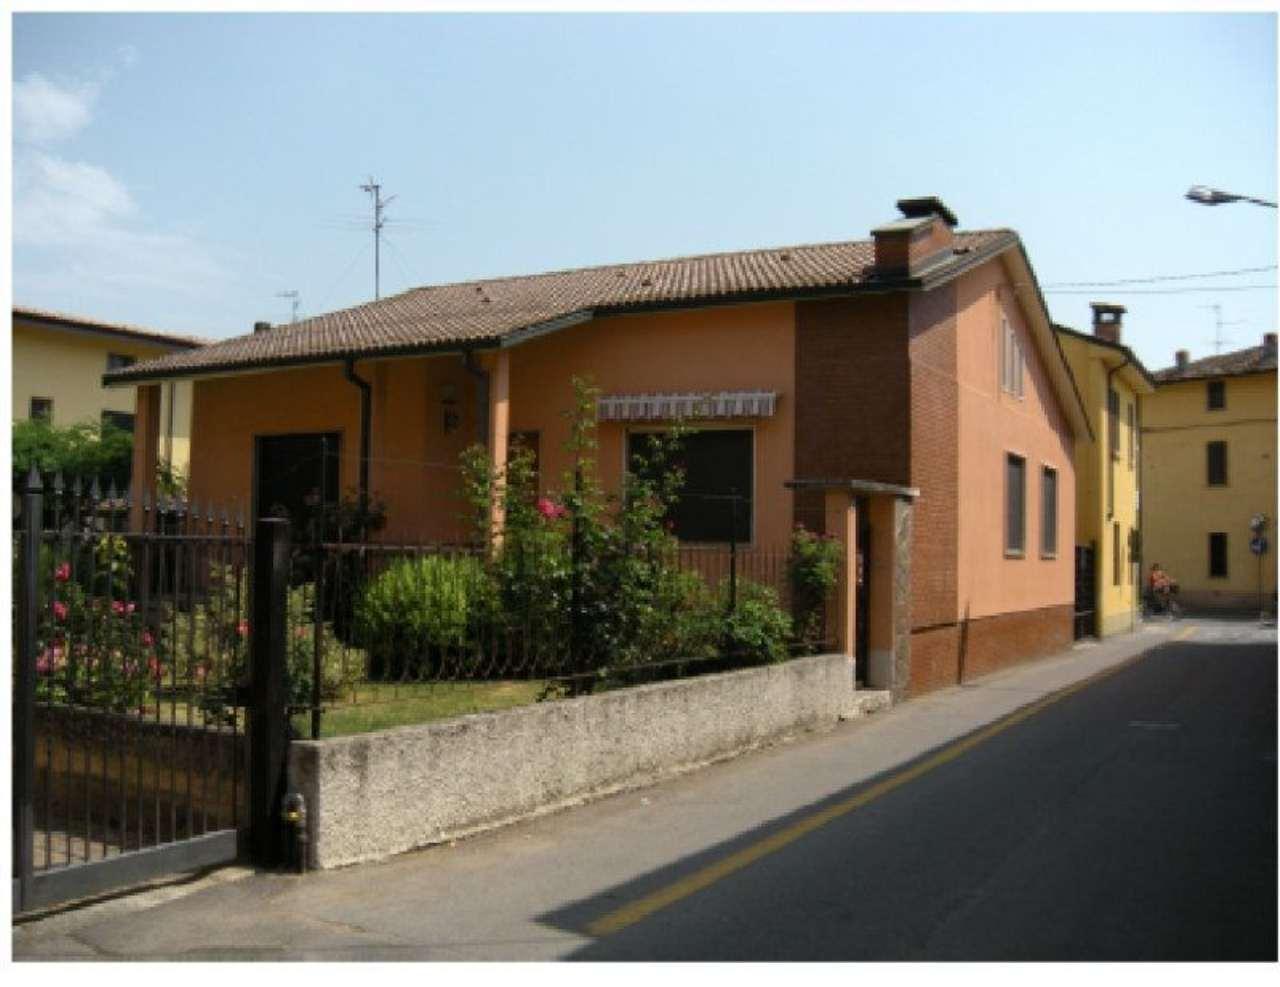 Villa in vendita a Crema, 4 locali, prezzo € 119.000 | Cambio Casa.it